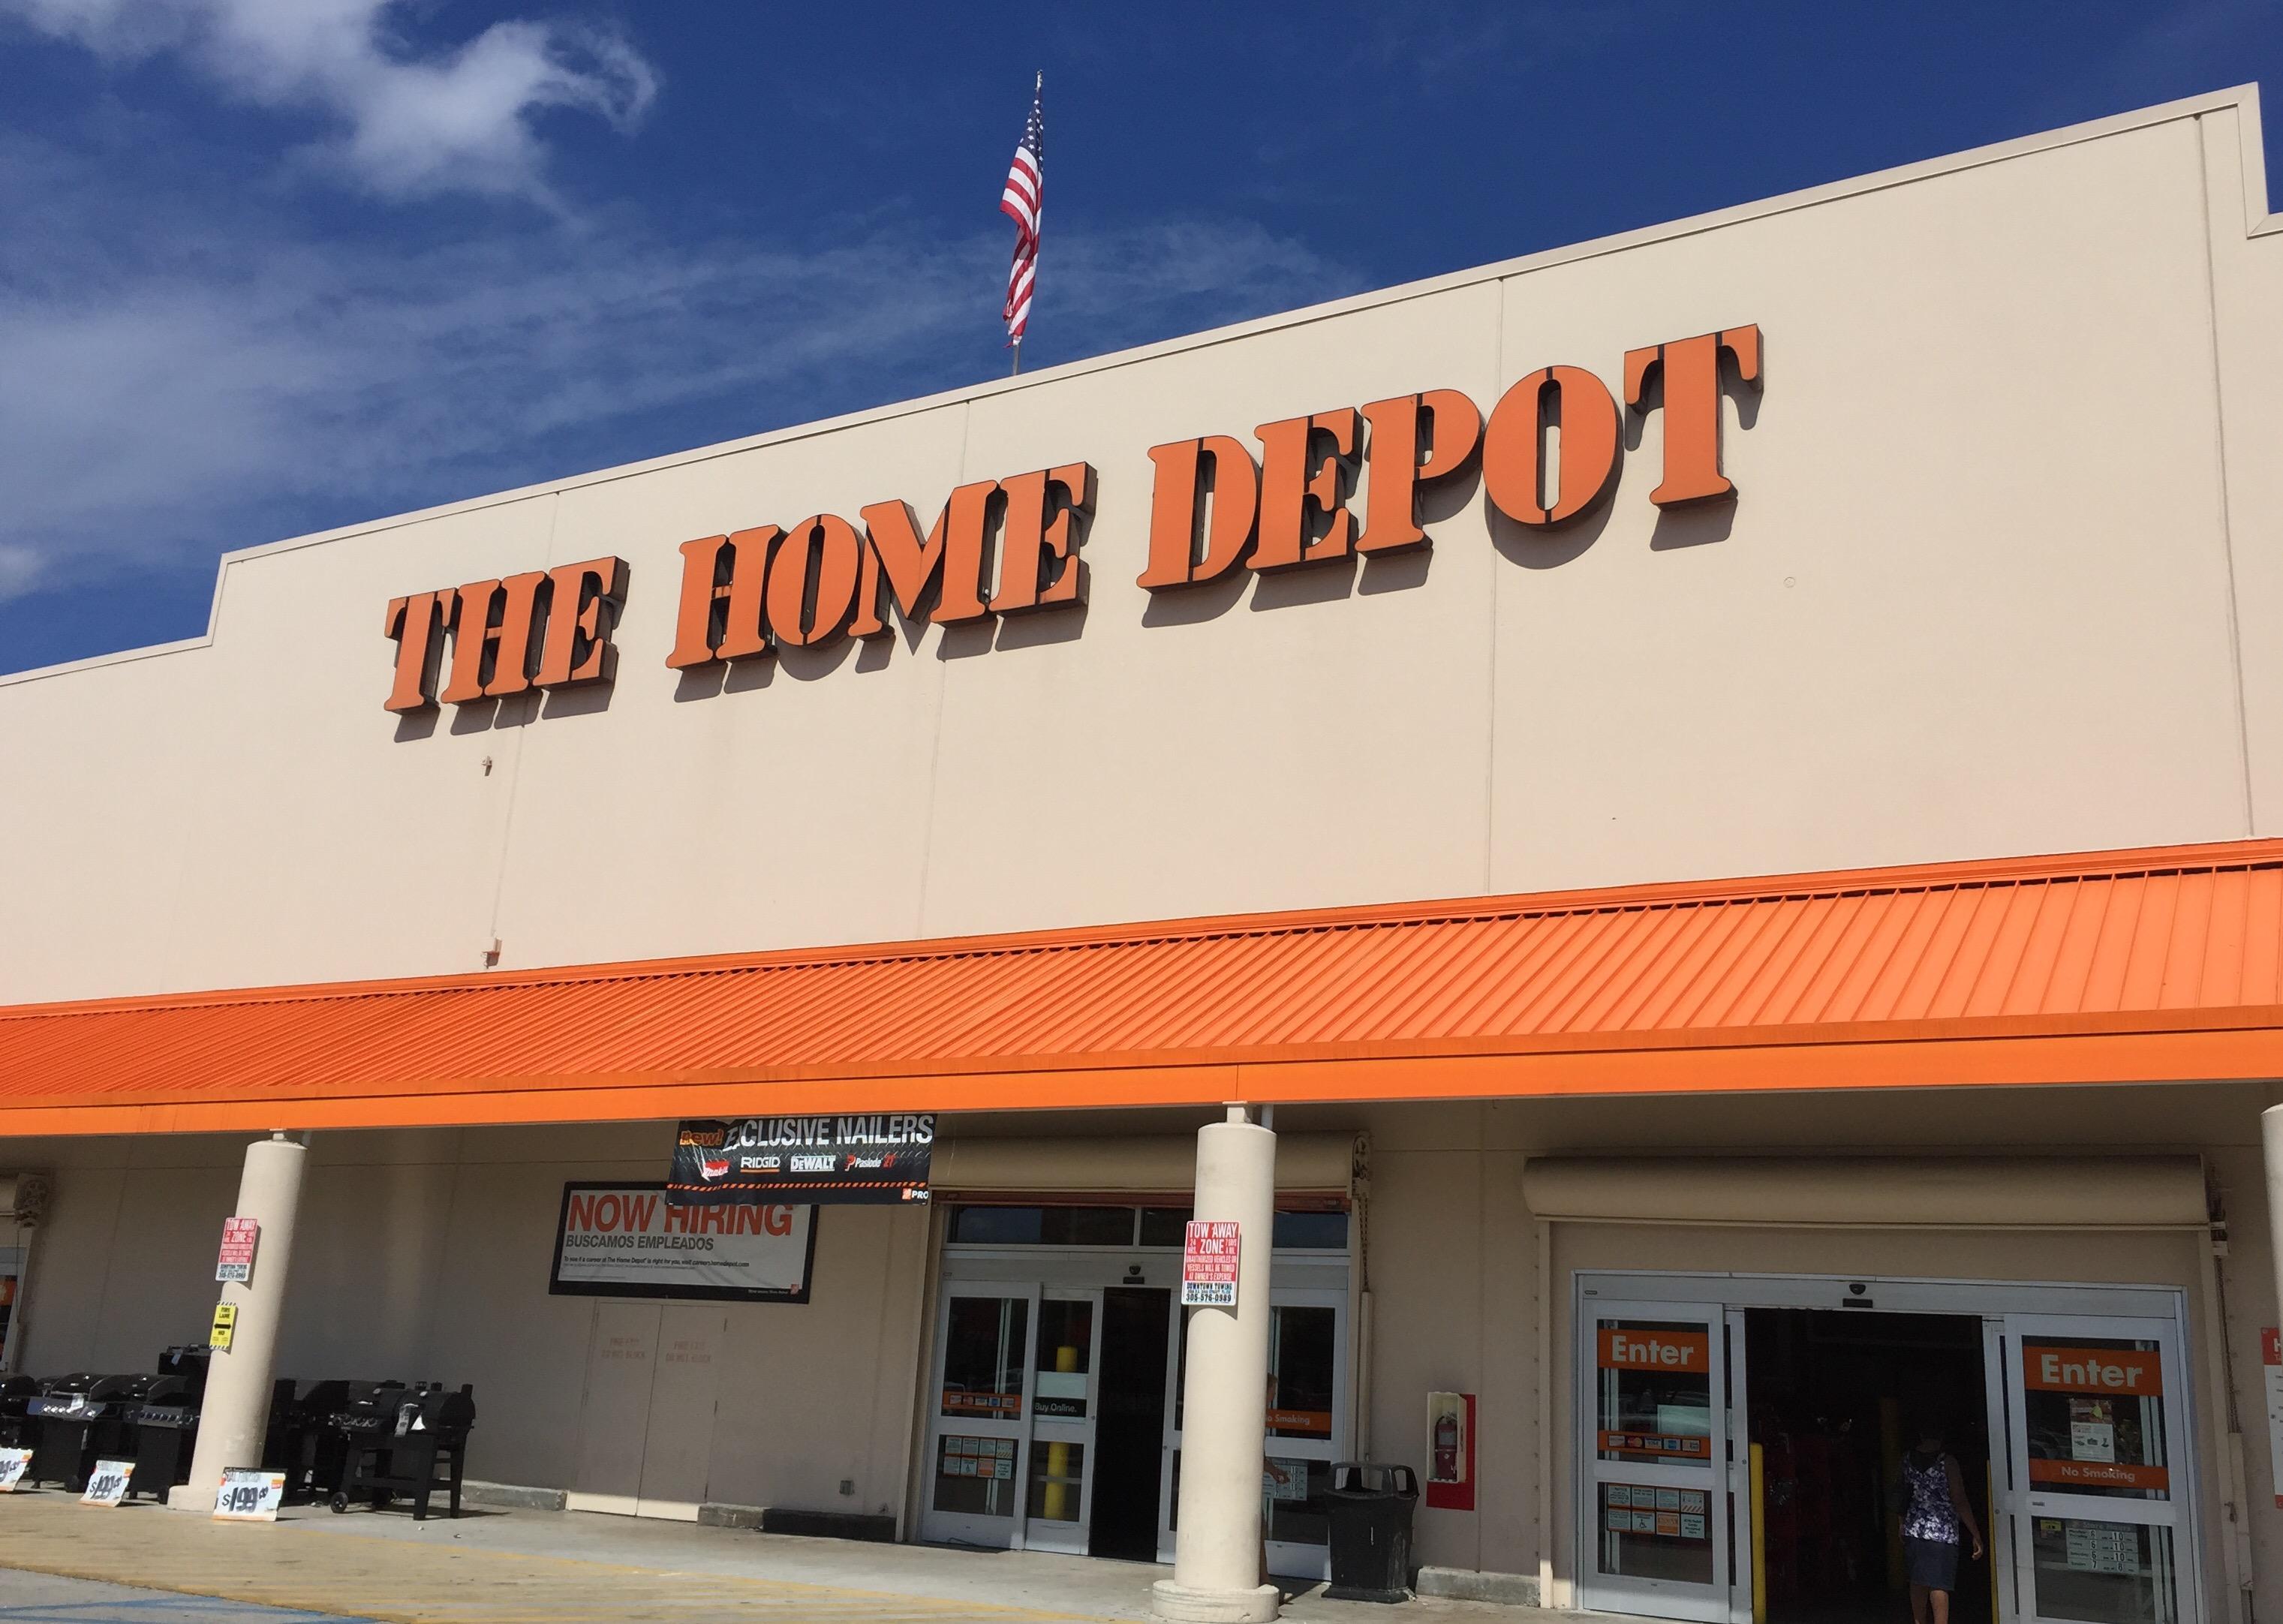 The home depot in north miami beach fl 33162 Home depot patio furniture miami